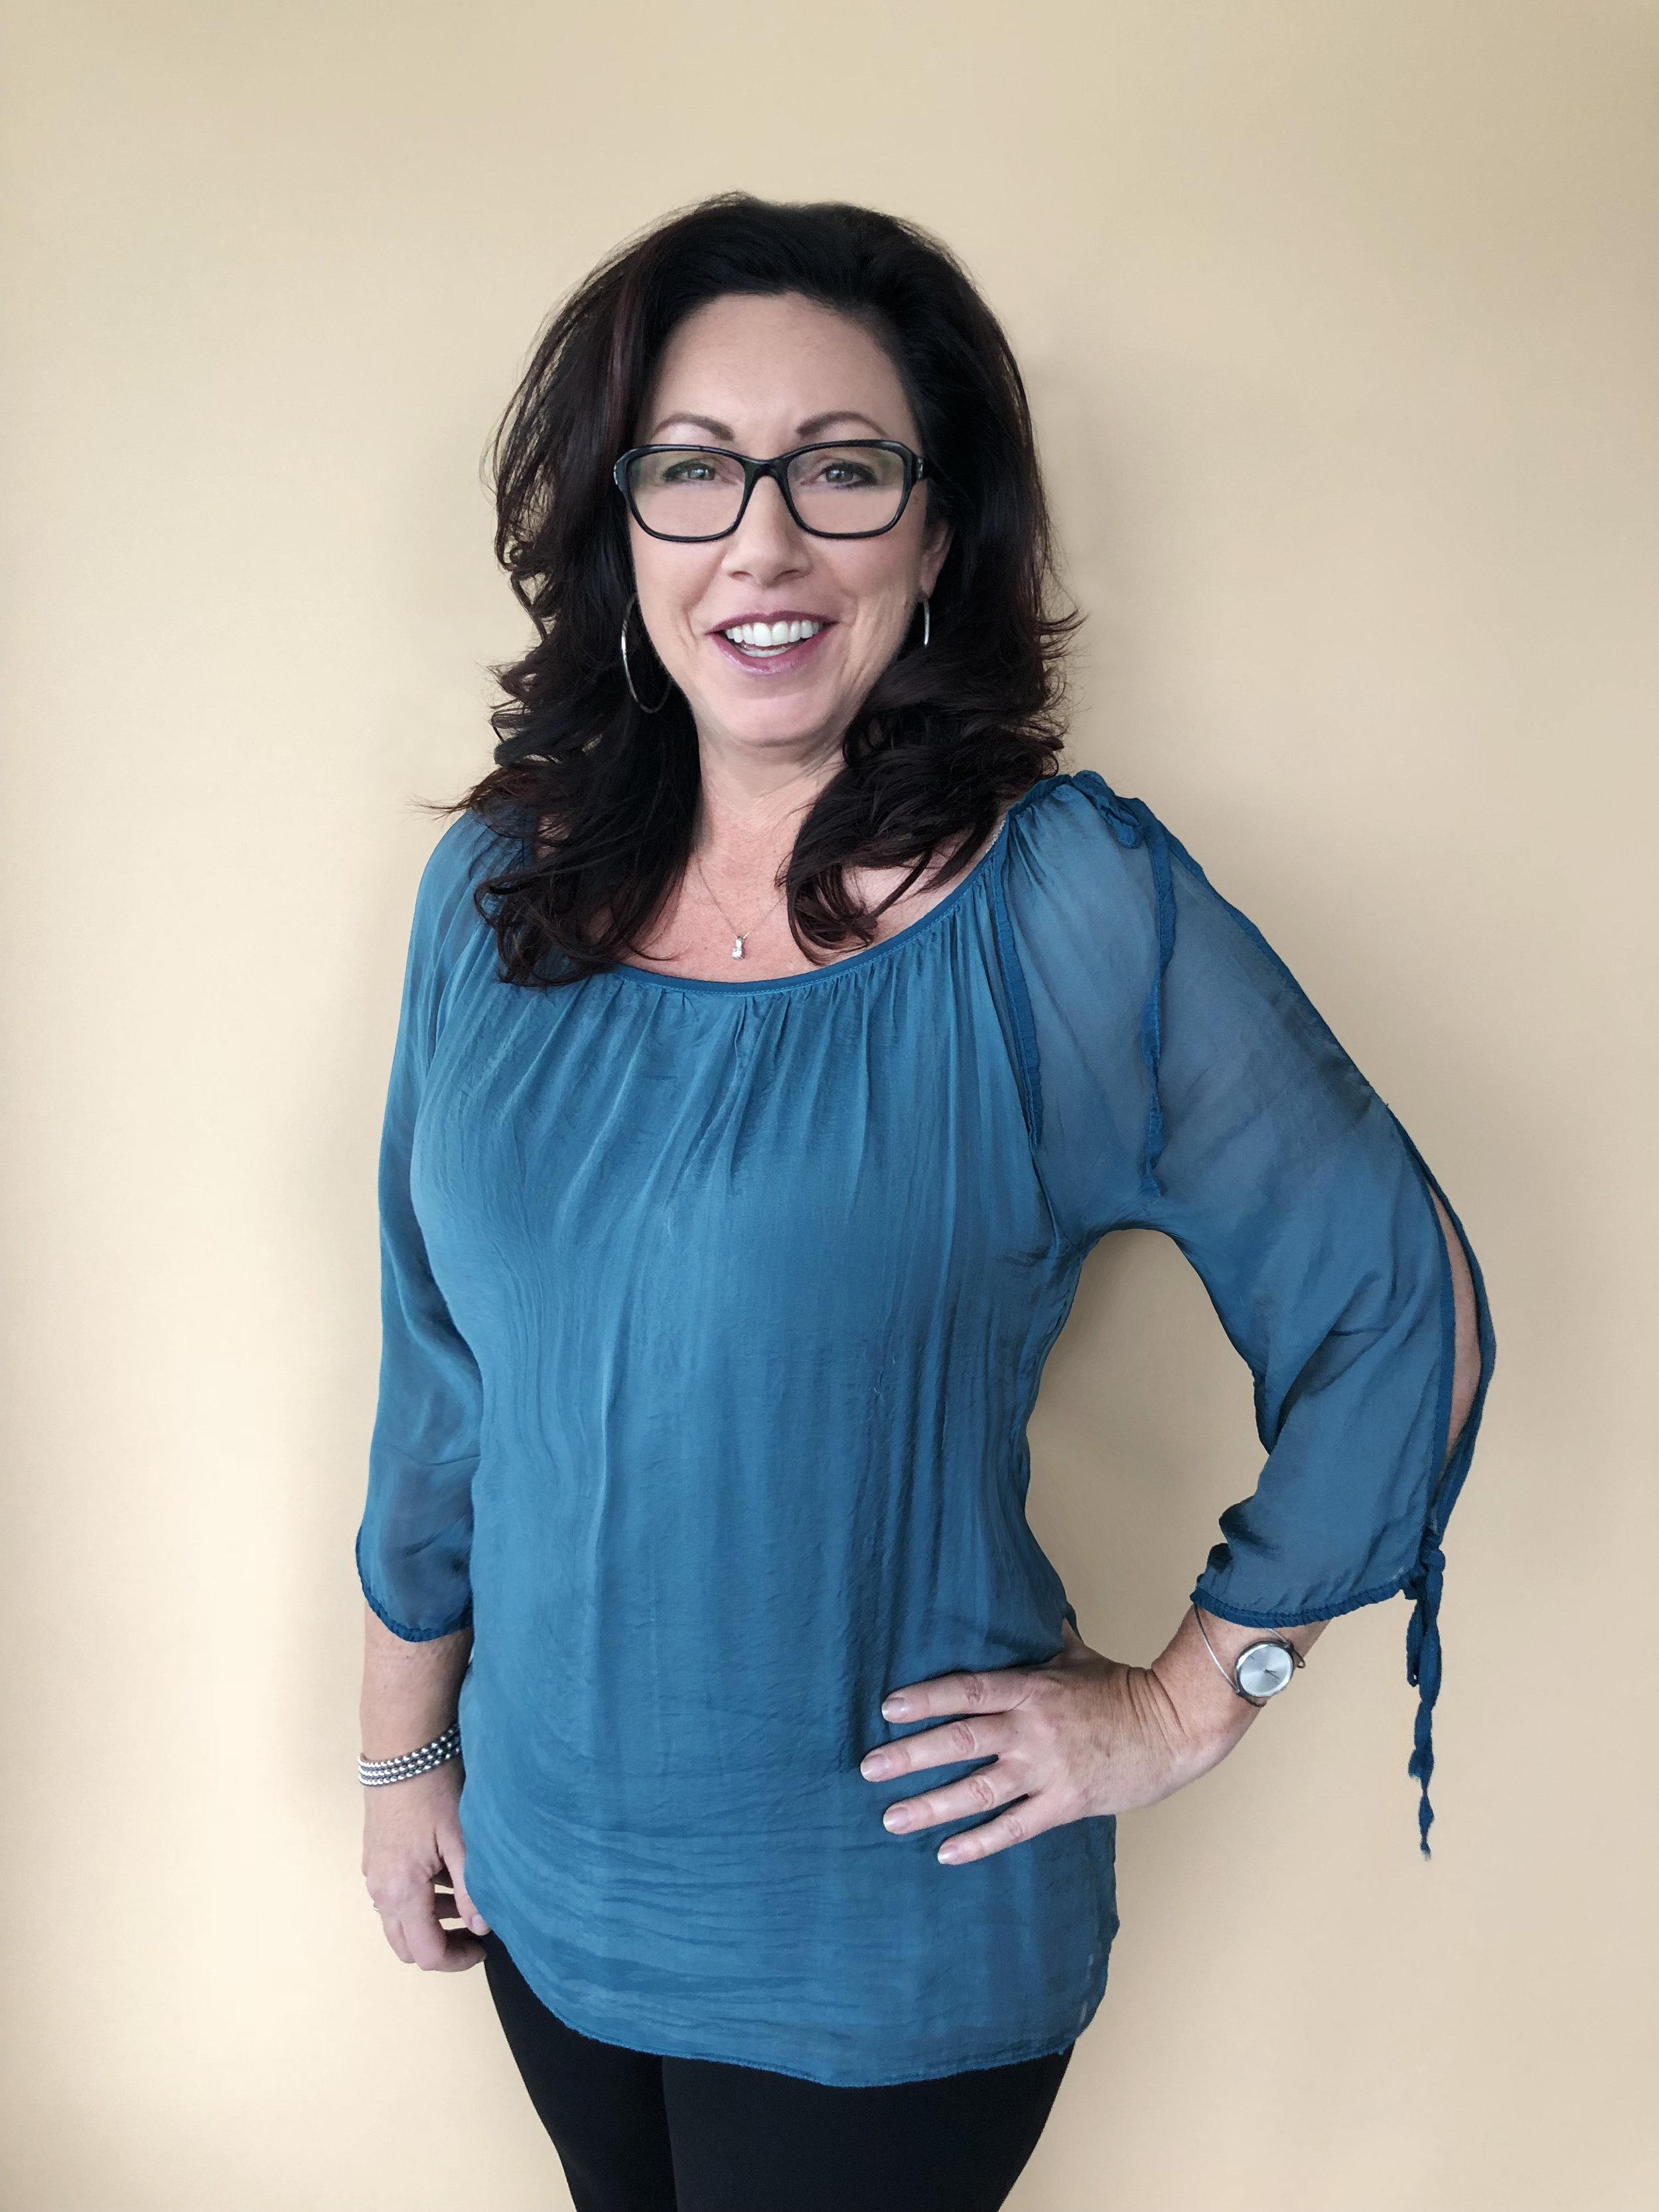 CYNTHIA MACLEAN - Sales Consultant@cynthiamacyyc